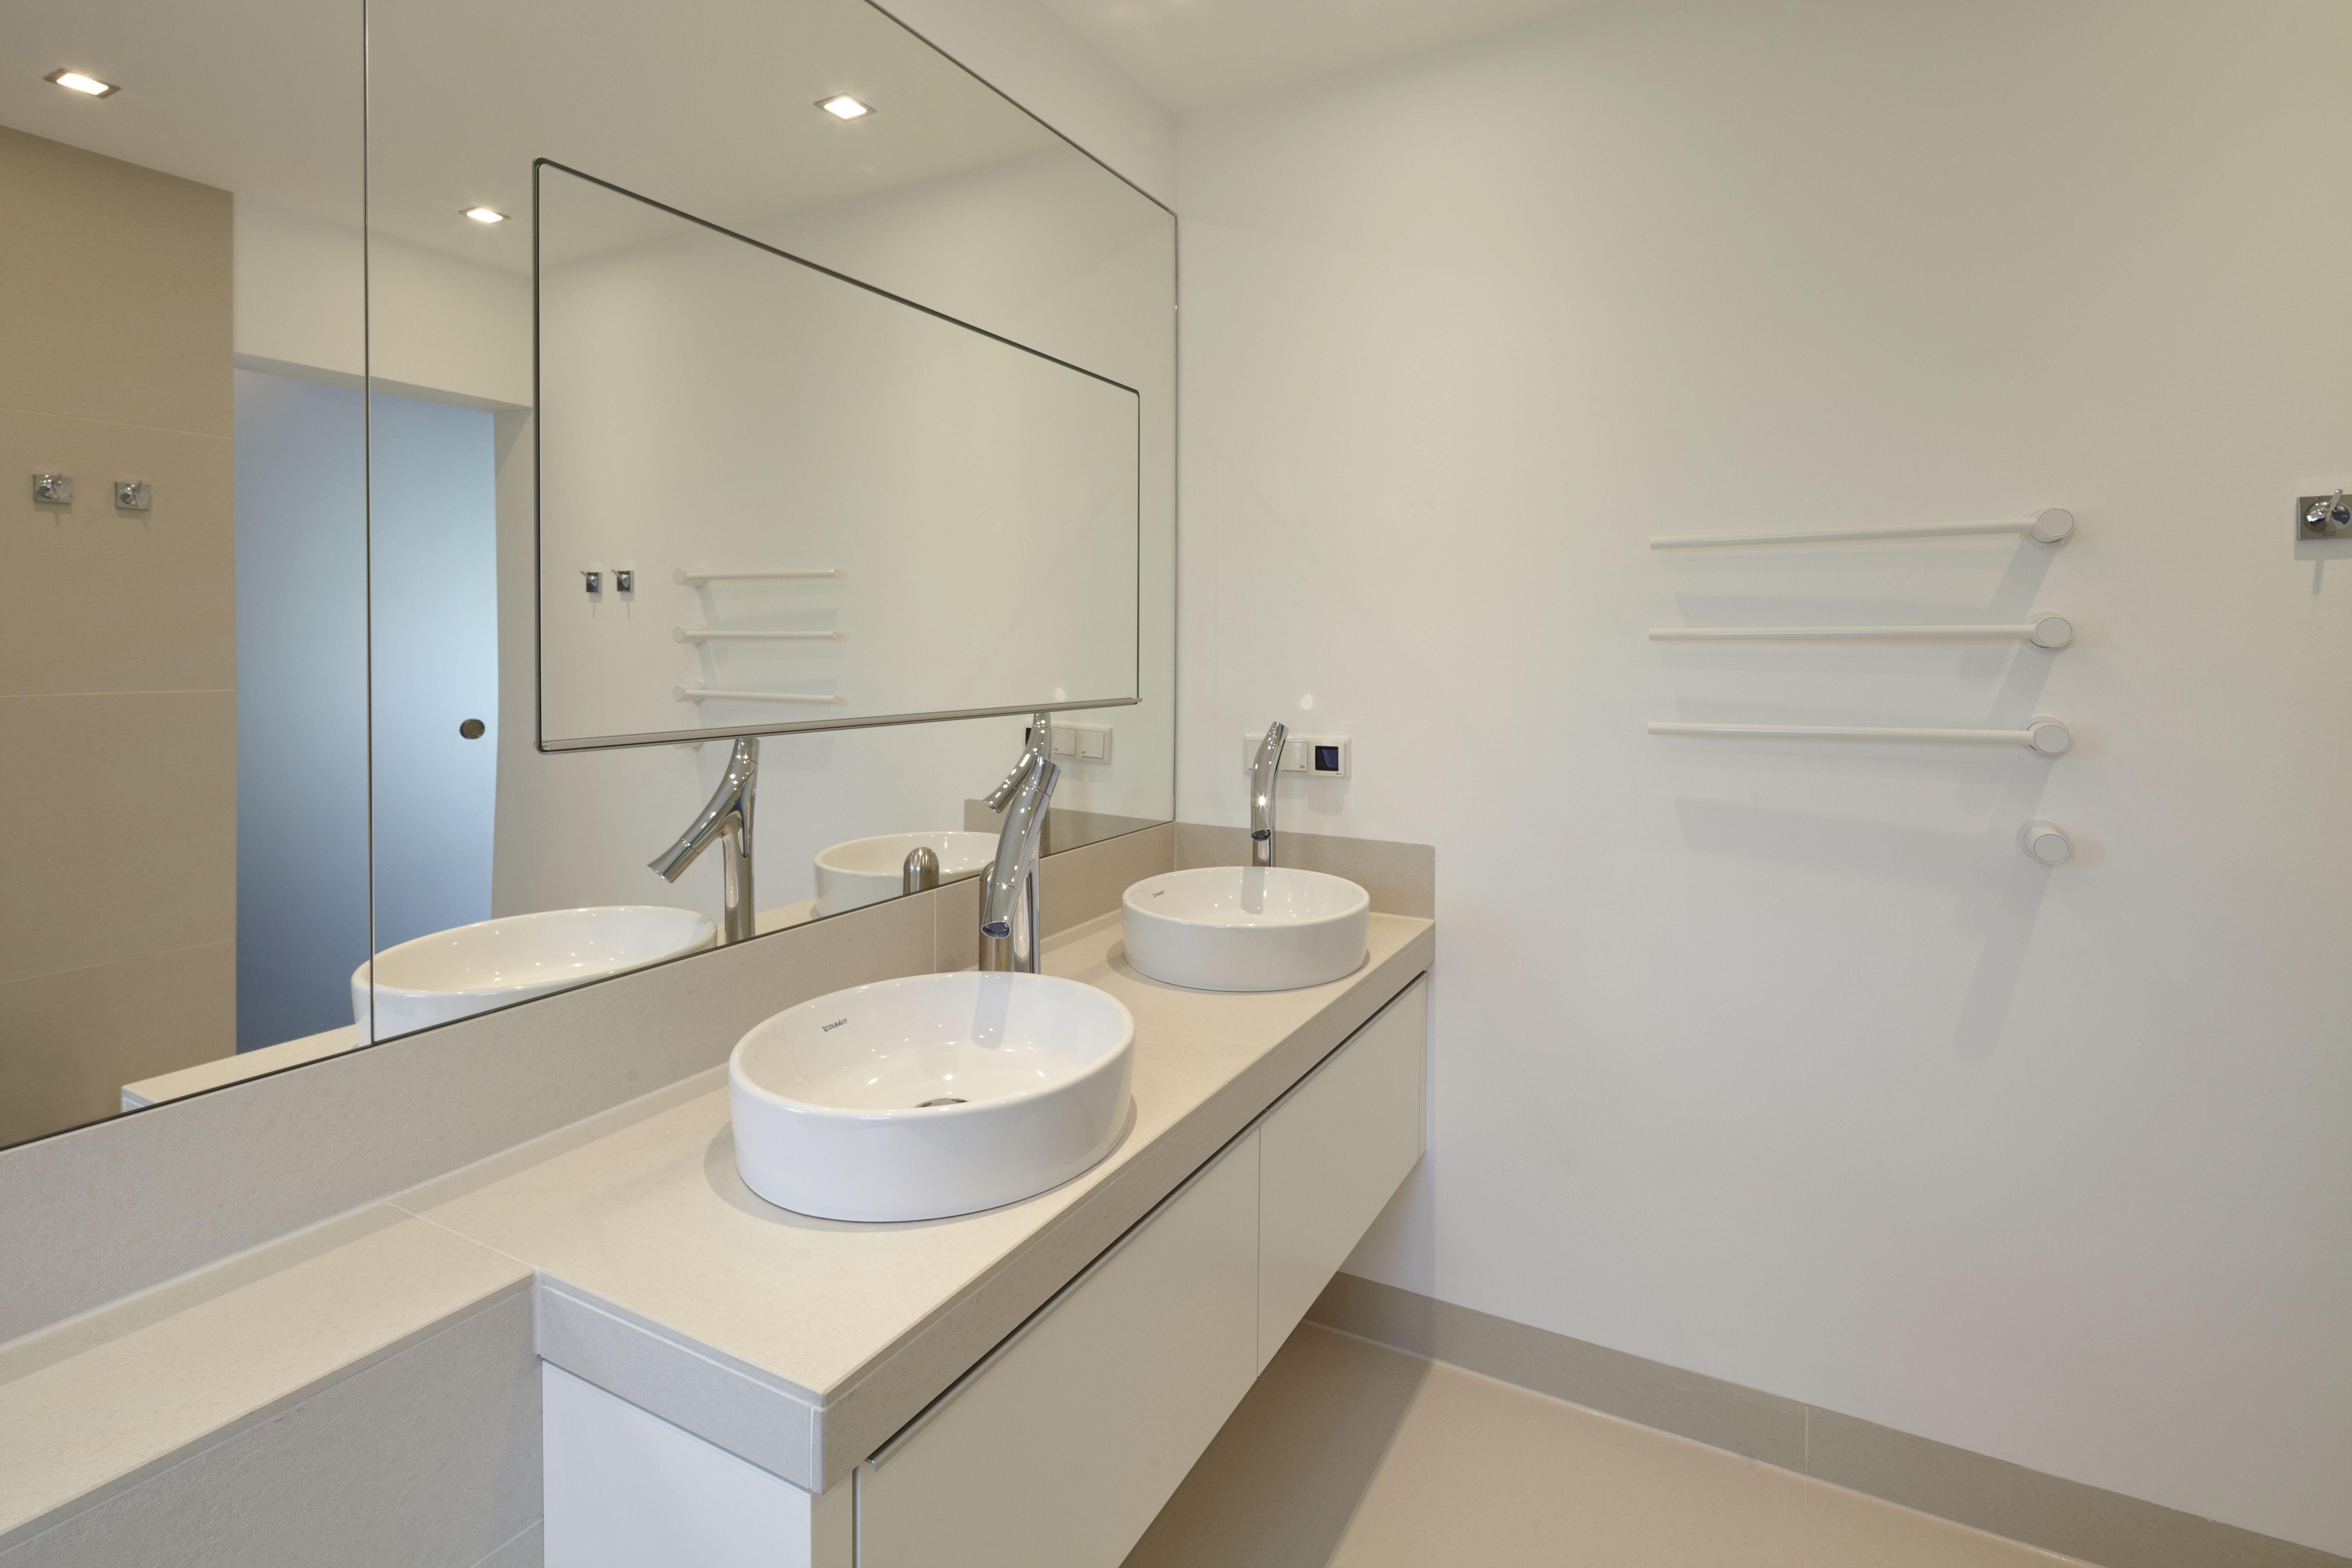 Badezimmer design beleuchtung modernes bad in der landhausvilla in nrw  hochwertige sanierung und